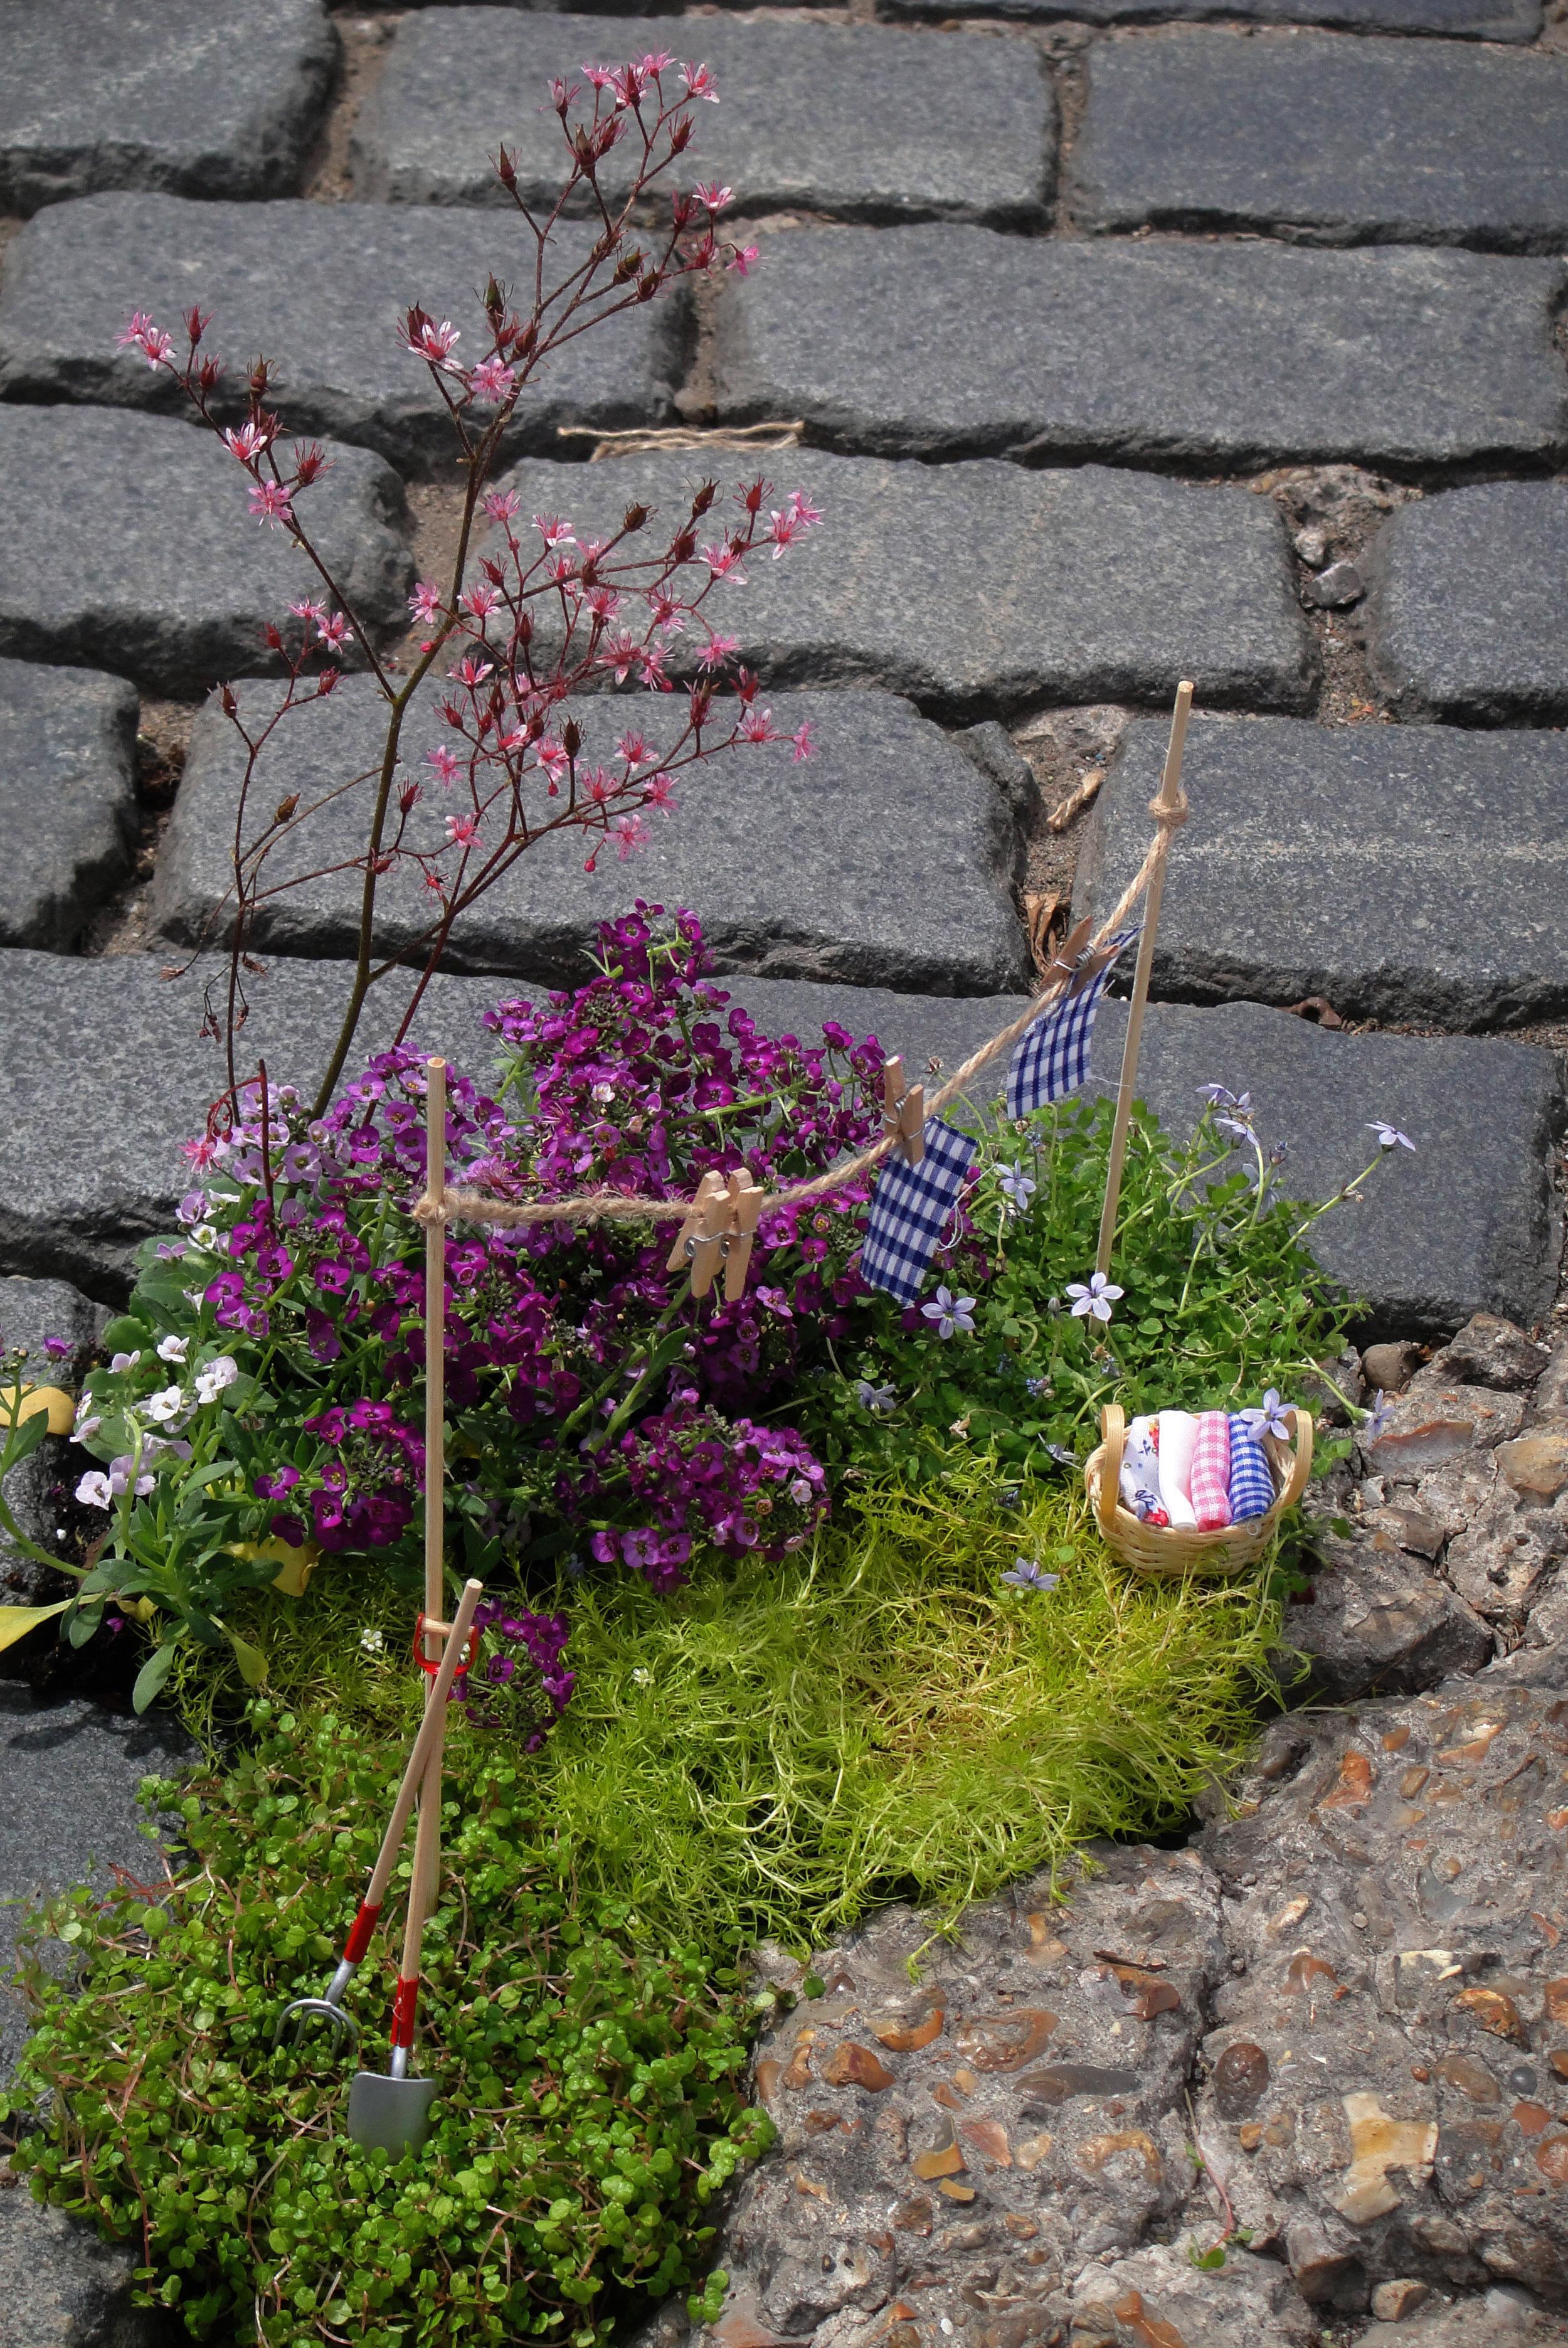 Pothole garden East London Guerilla Gardening Steve Wheen Clothes Line